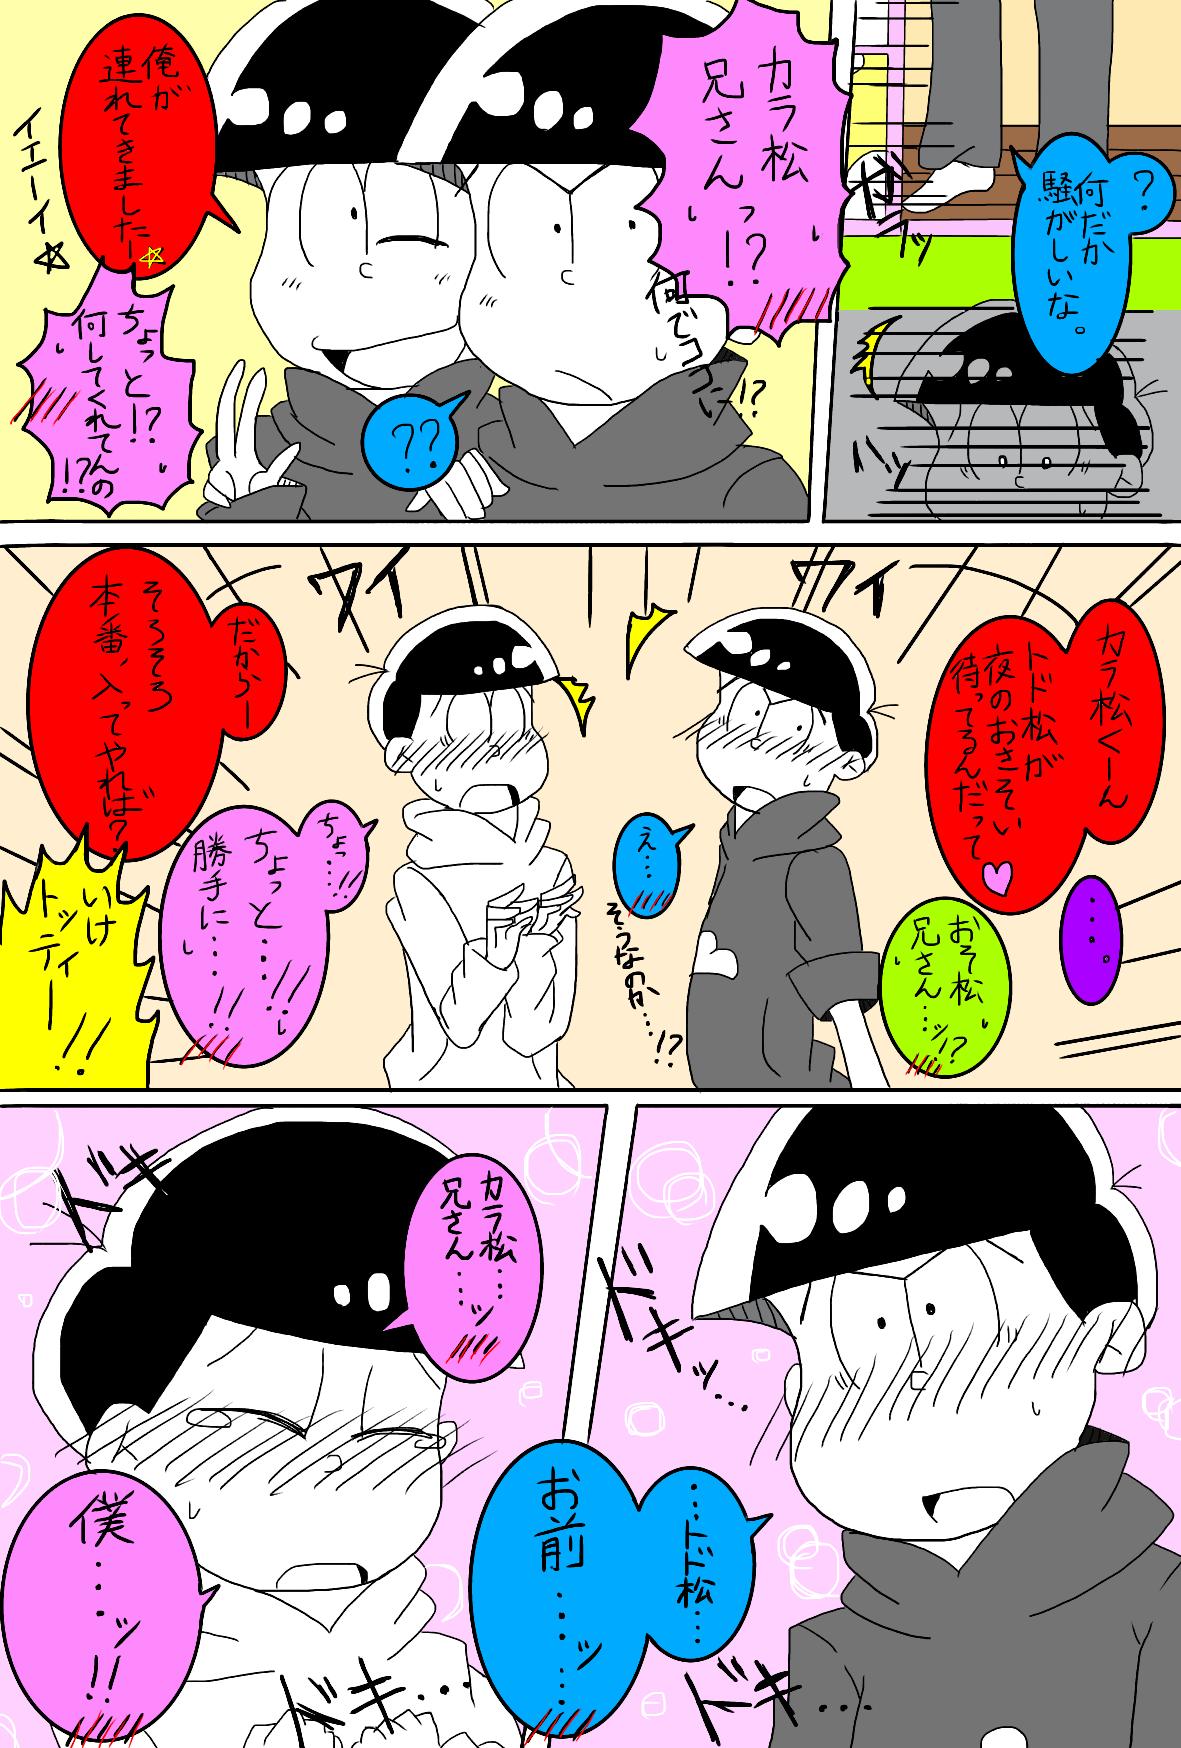 【おそ松さん】夜のお誘い②